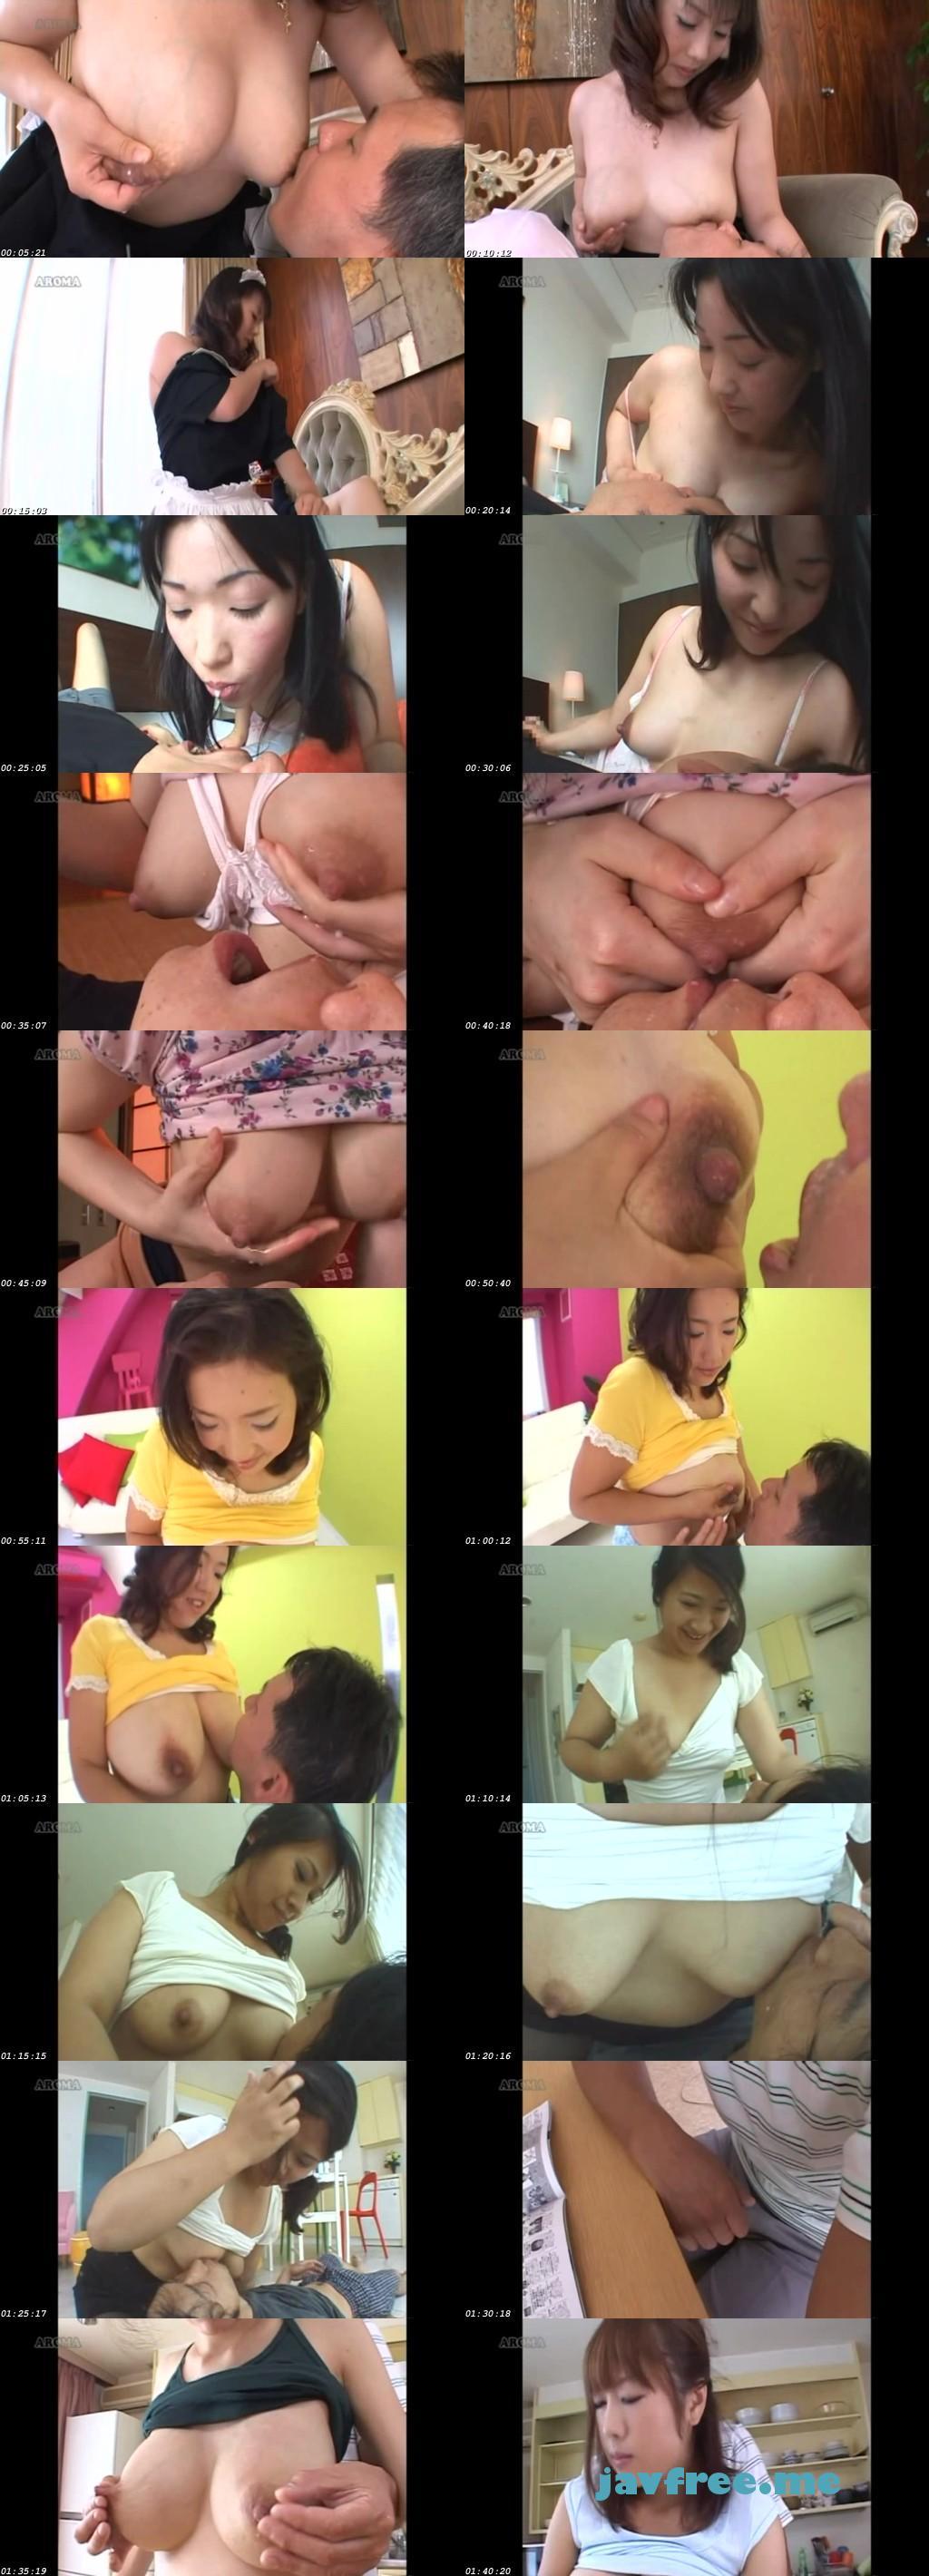 [ARM 080] 母乳奥様 授乳プレイコレクション12 美河さき 松原志穂 本条直子 倉橋舞 三上涼子 ARM